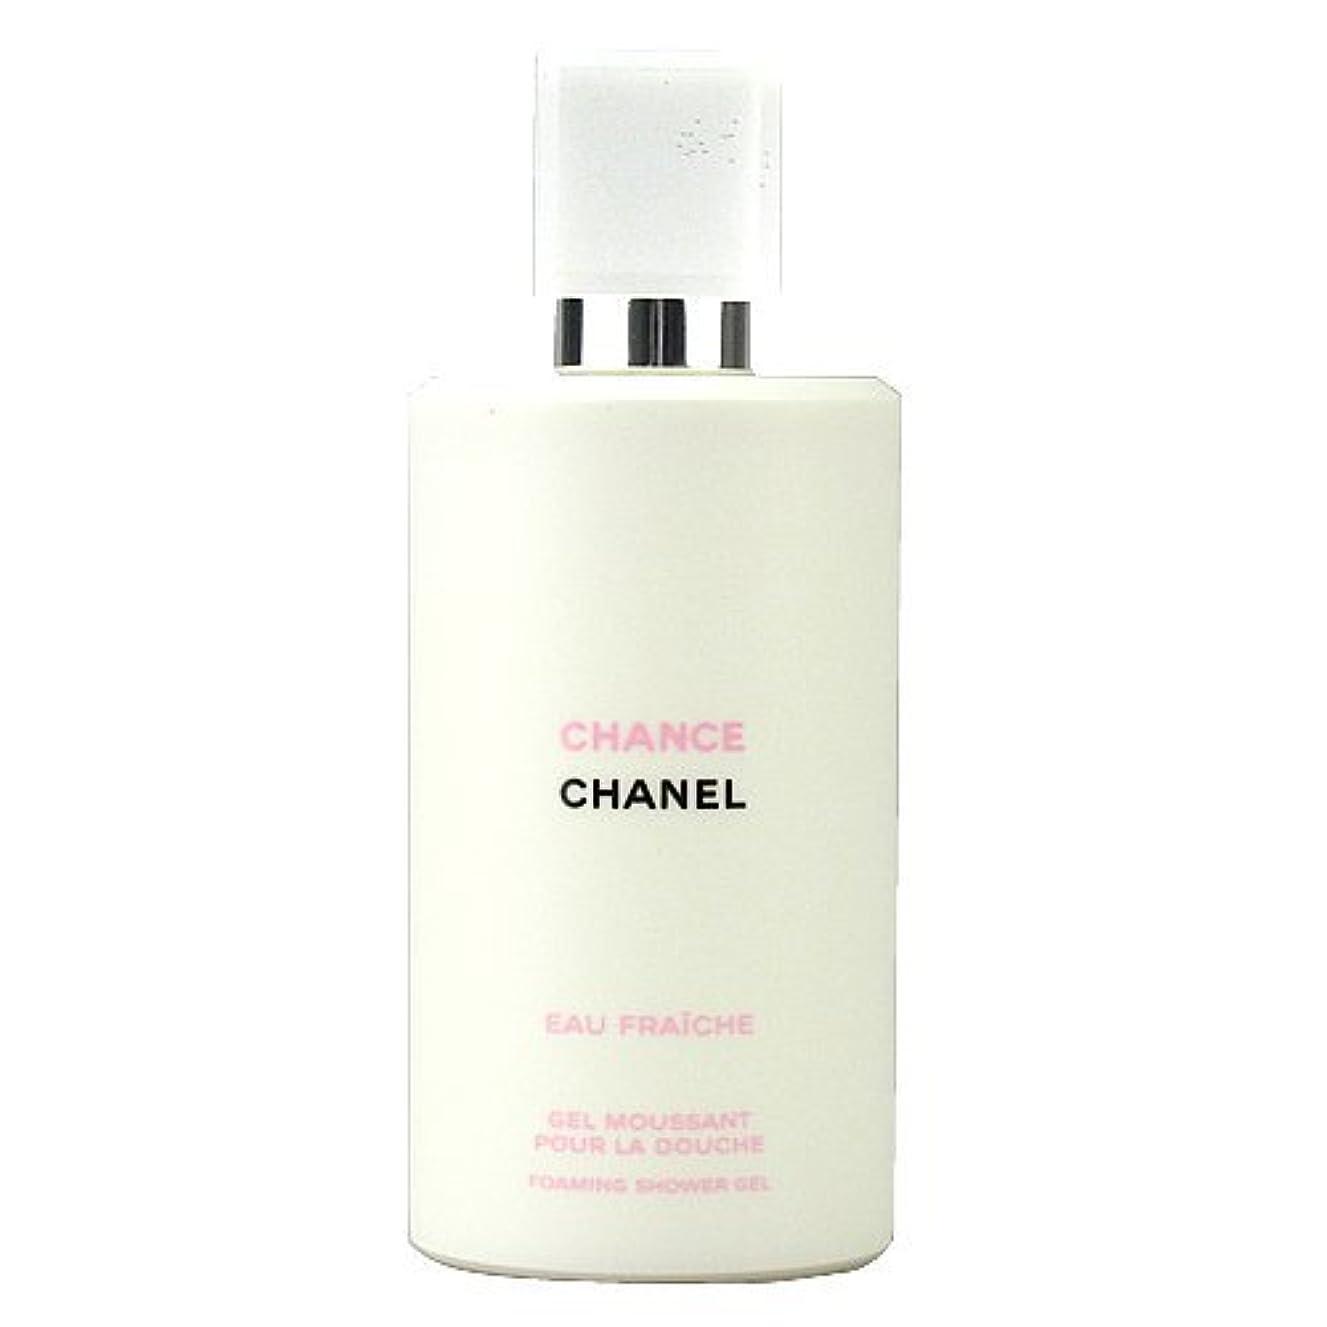 食い違い本体安全なシャネル CHANEL チャンス オー フレッシュ シャワー ジェル 200ml